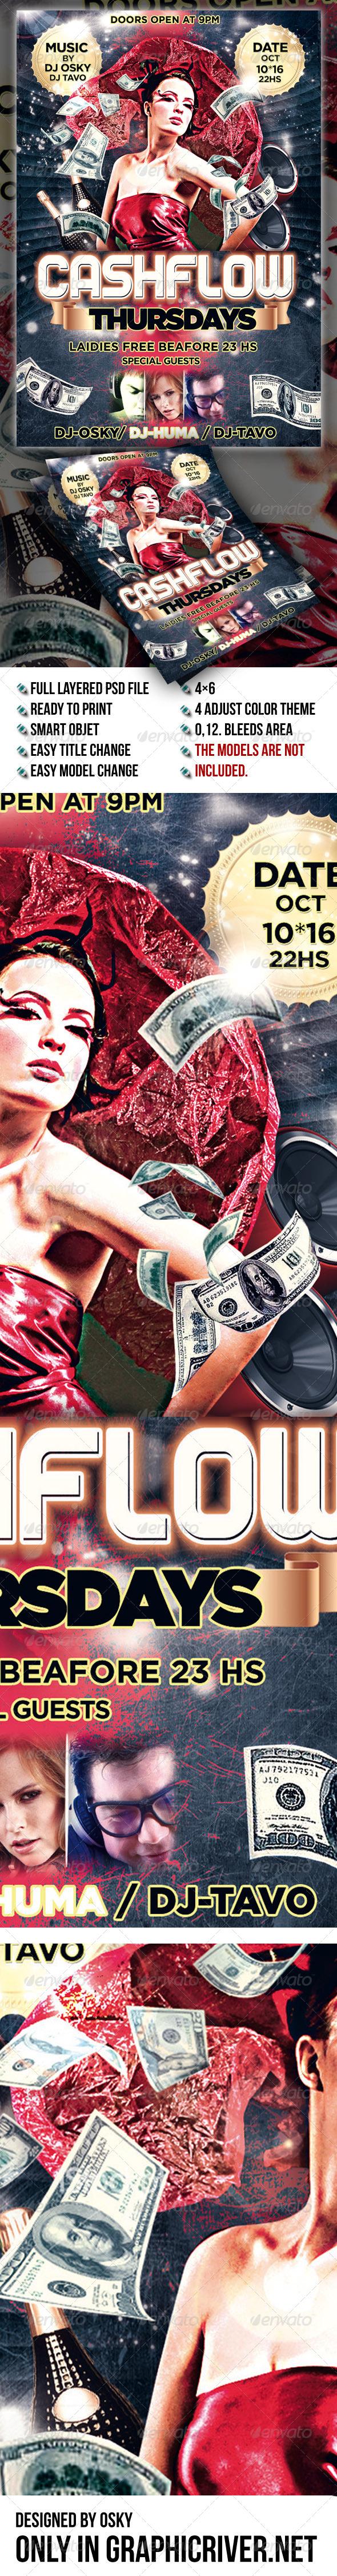 GraphicRiver Cashflow Thursdays Flyer 6907517